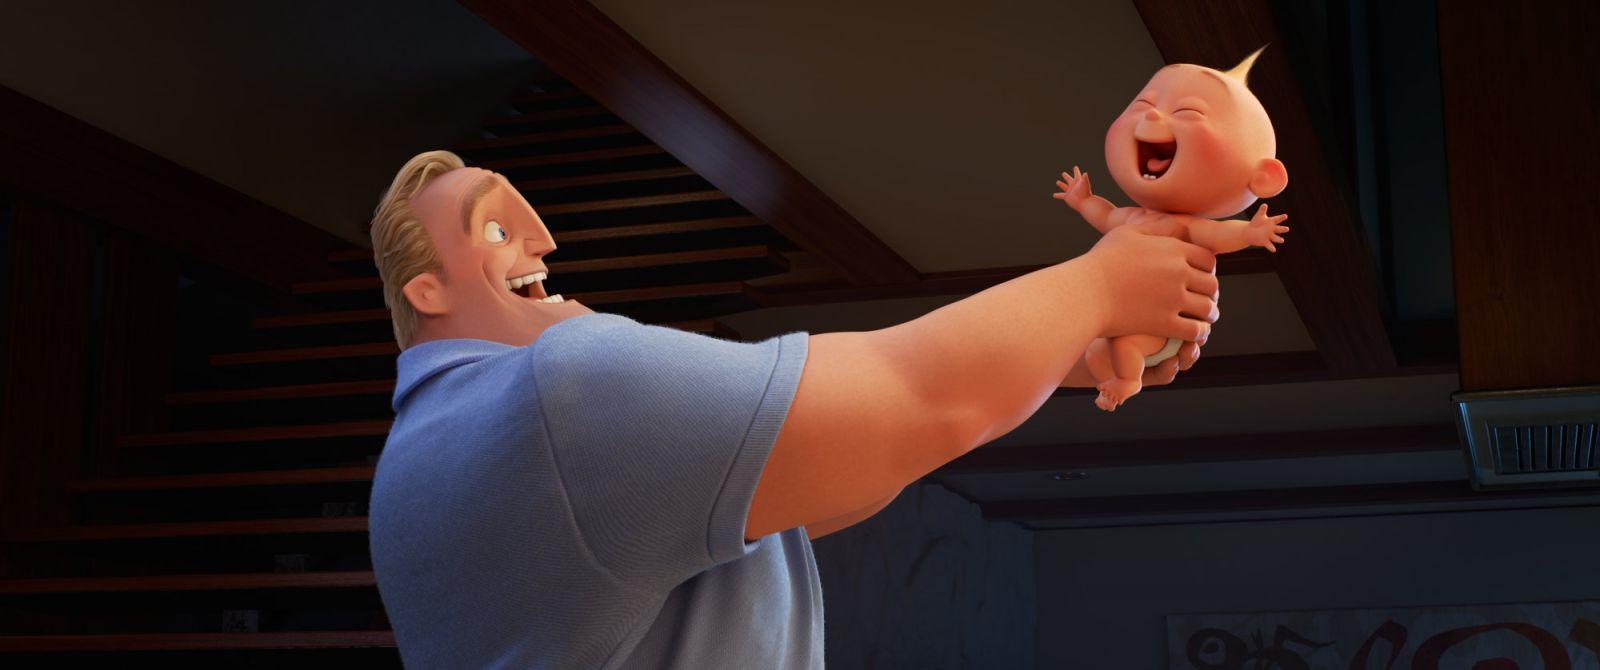 Кадр из мультфильма «Суперсемейка 2»